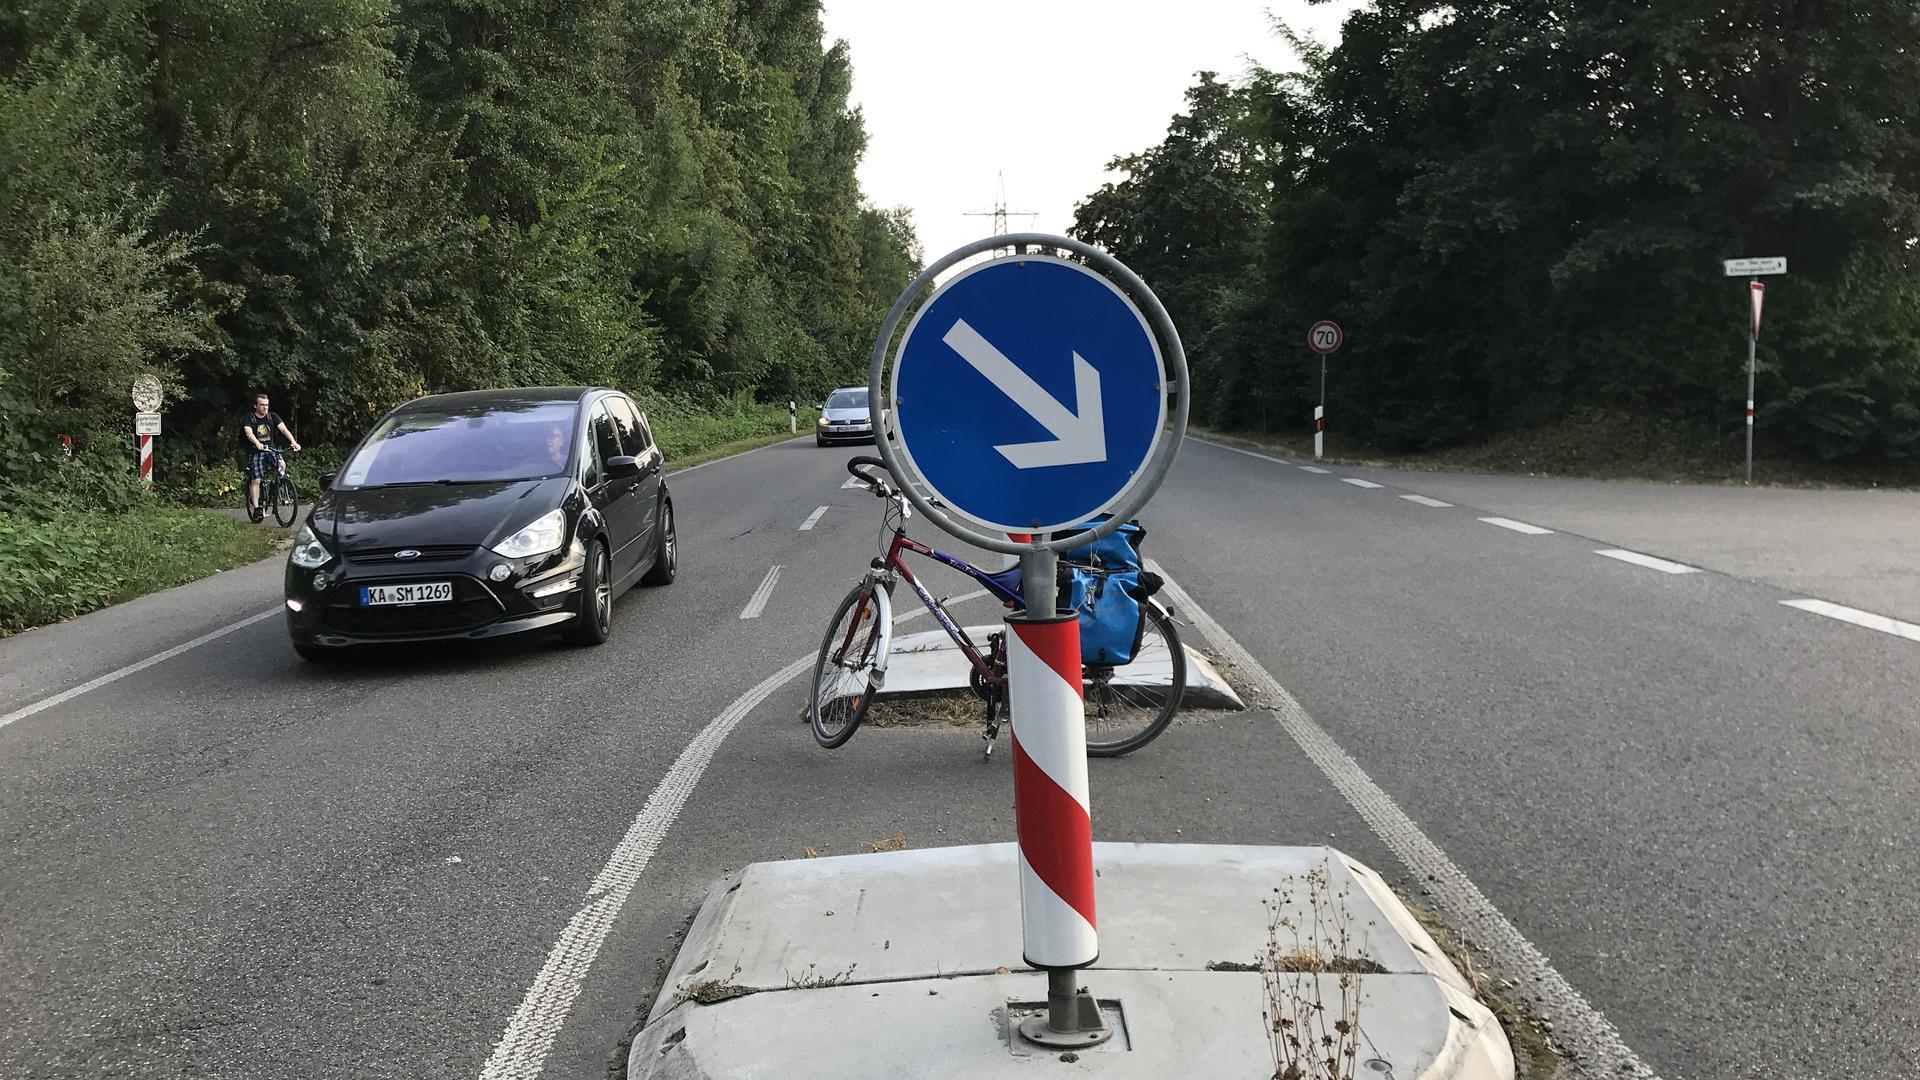 Schon für ein normales Fahrrad ist die Querungshilfe in der Elfmorgenbruchstraße gerade breit genug. Mit einem Lastenrad wird es richtig eng.